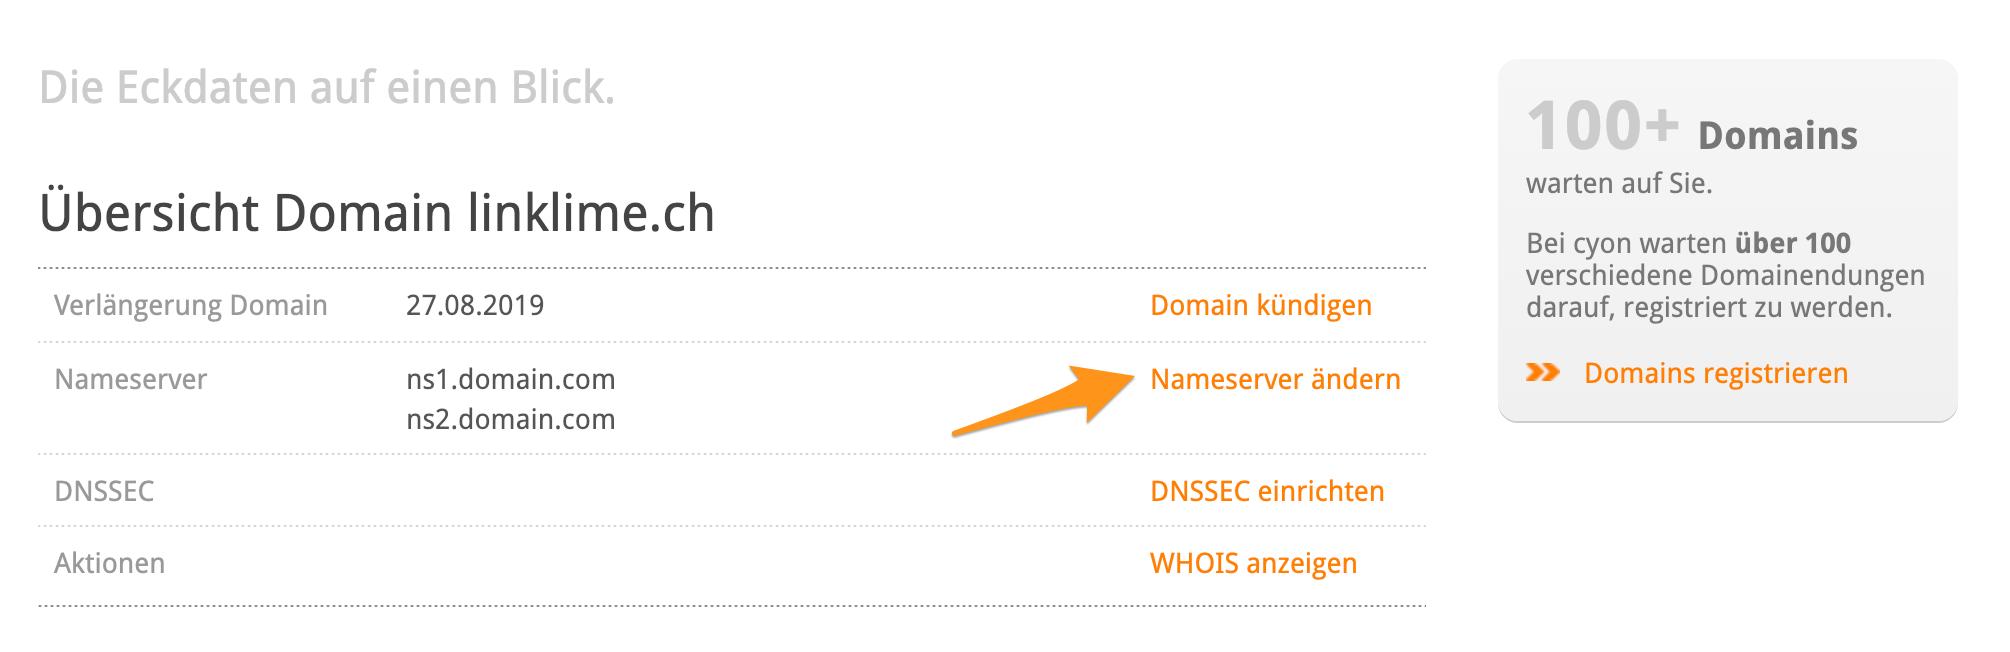 Domain Übersicht